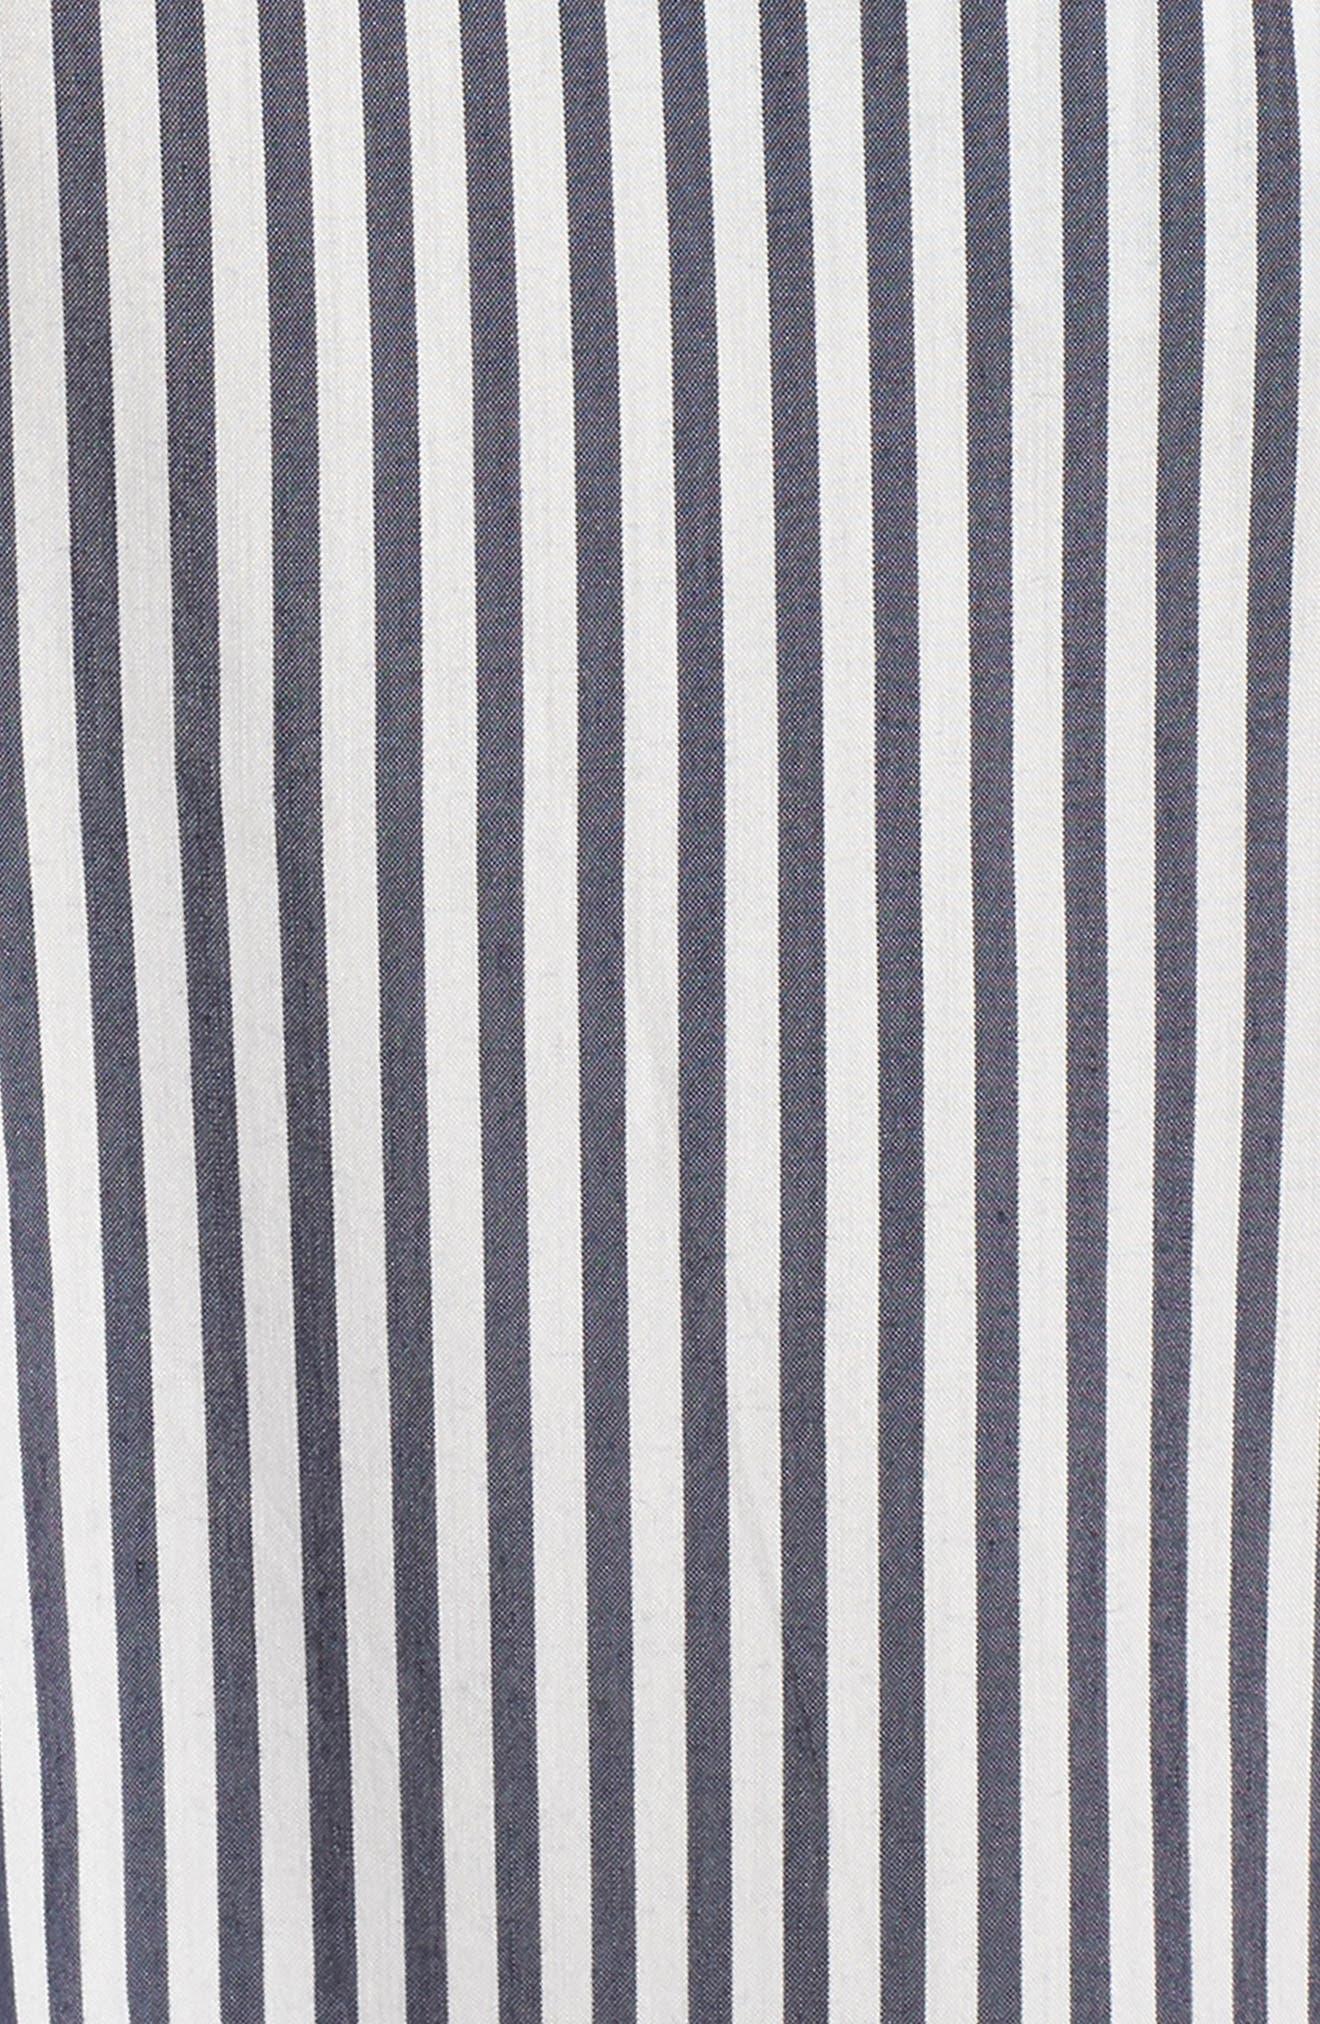 Drinks On Me Stripe Ruffle Midi Dress,                             Alternate thumbnail 5, color,                             100